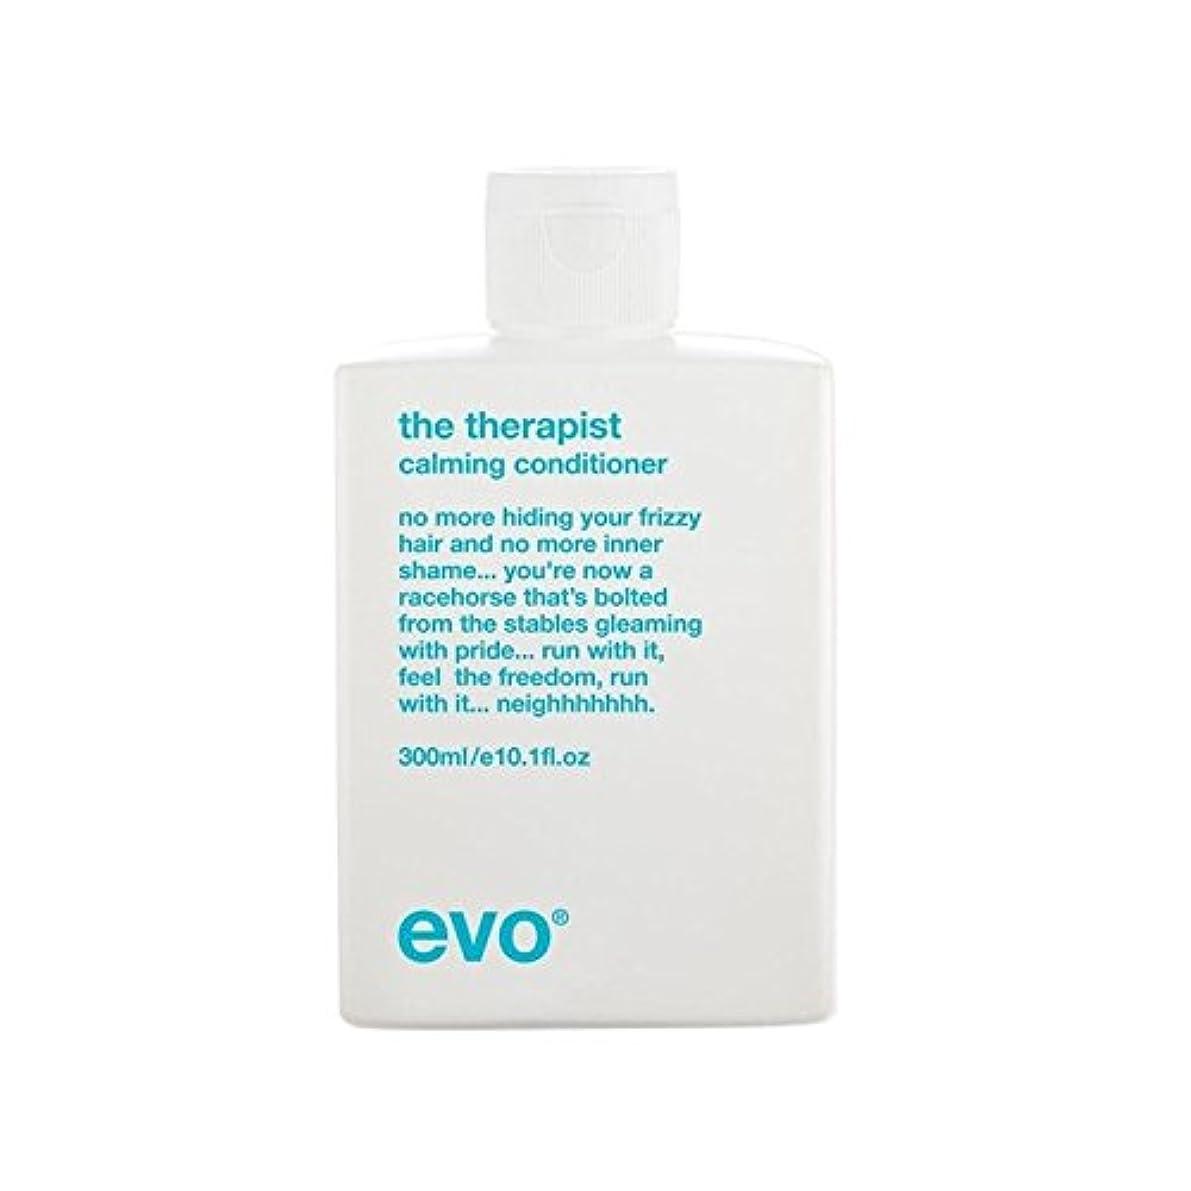 蓋信号服セラピスト沈静コンディショナー(300ミリリットル) x2 - Evo The Therapist Calming Conditioner (300ml) (Pack of 2) [並行輸入品]